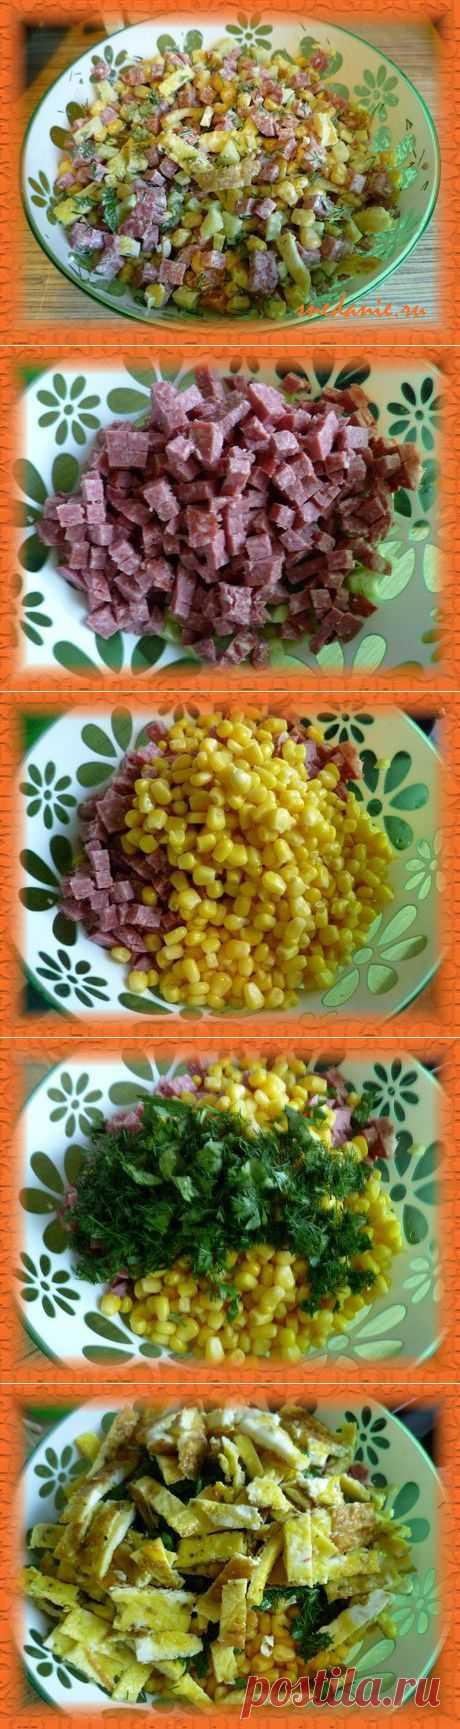 La ensalada con la tortilla, el jamón y el maíz - la receta de la foto